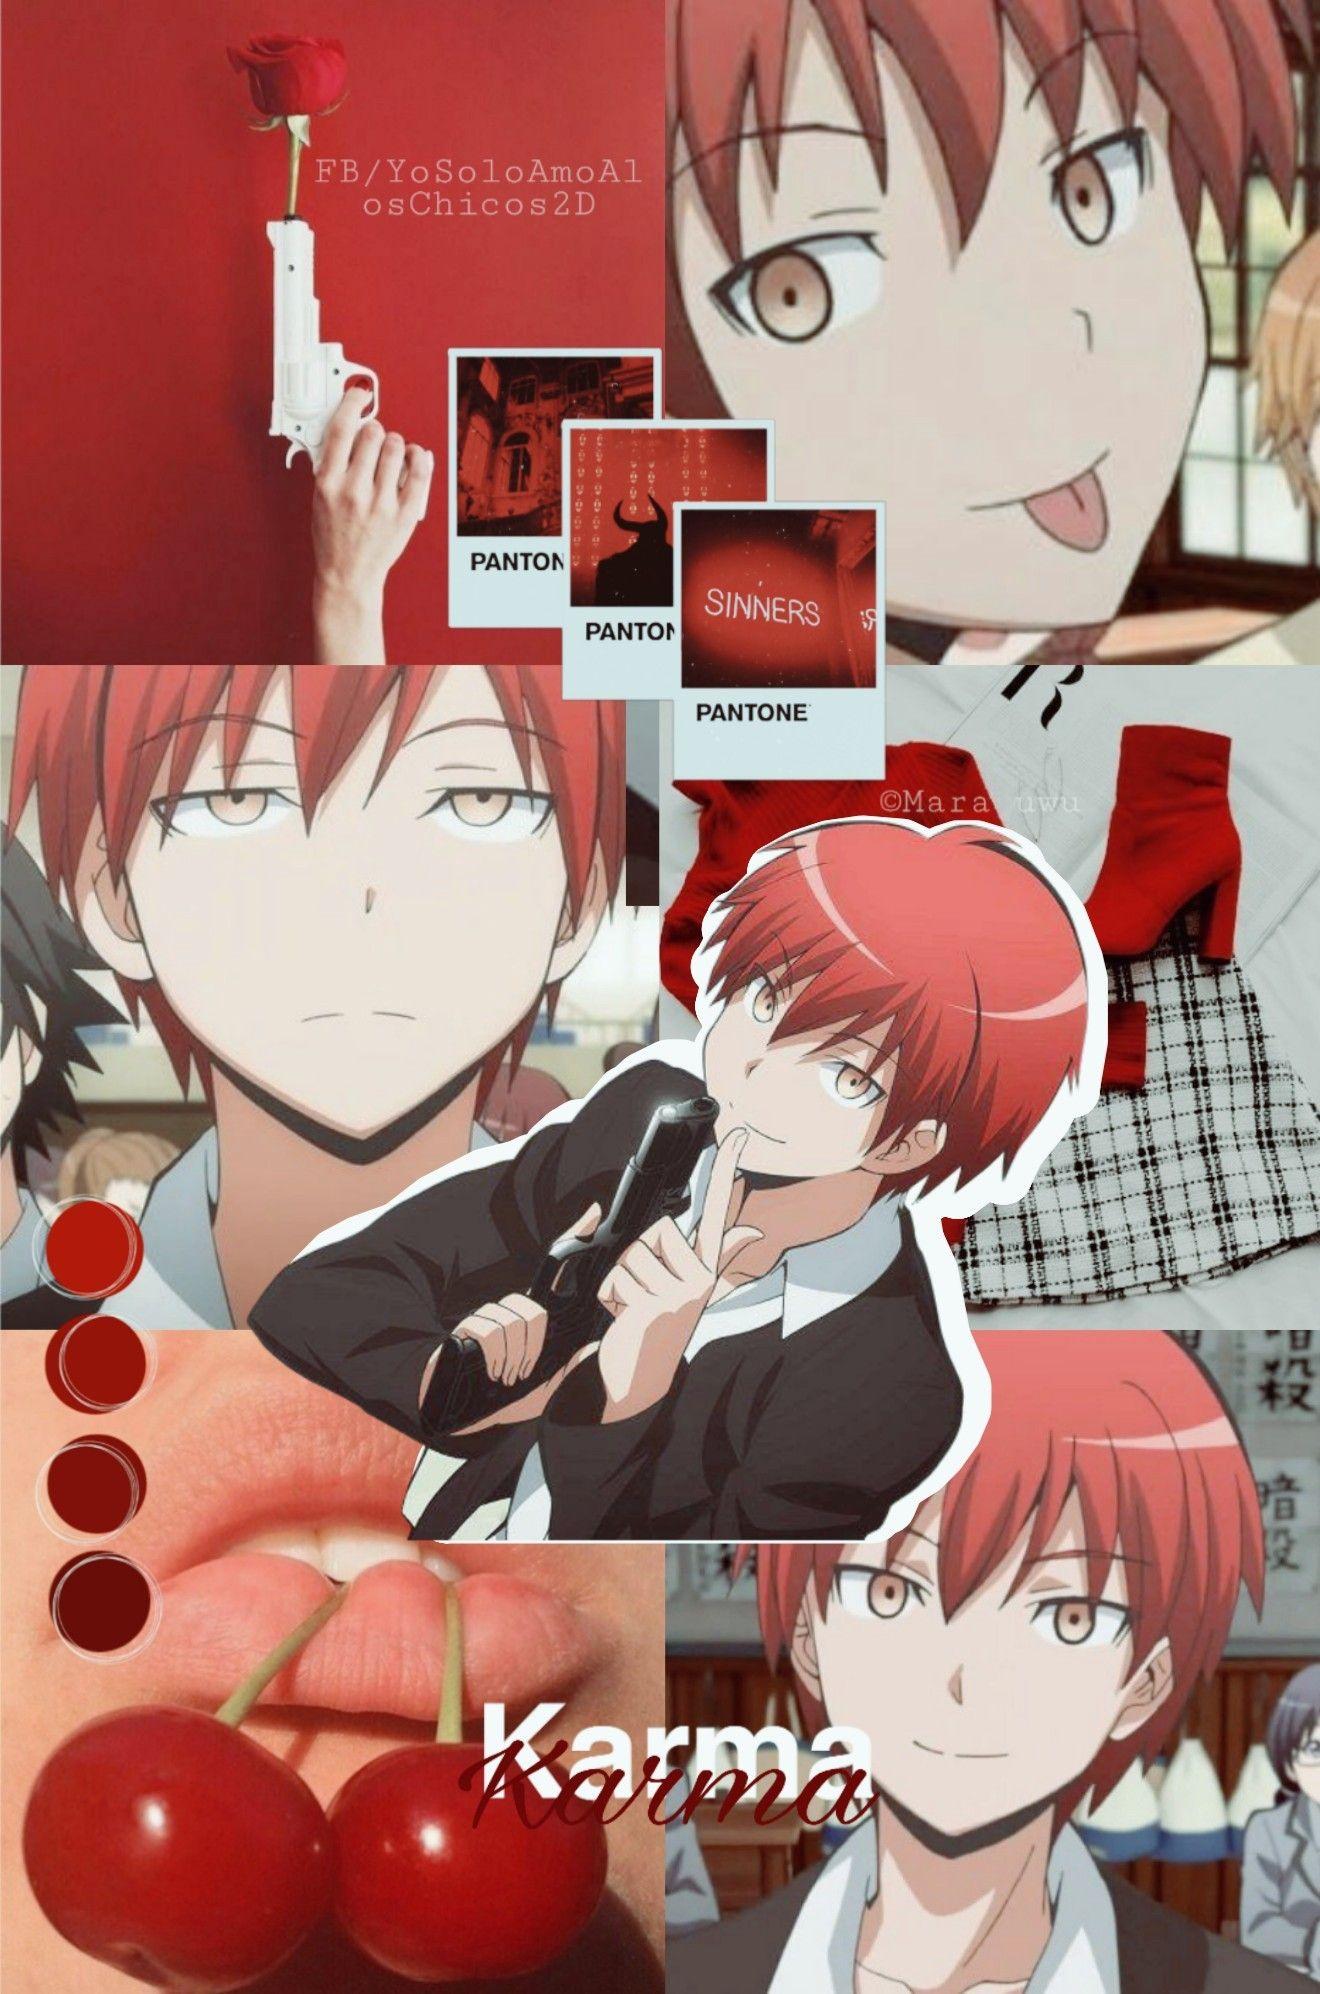 Karma Ansatsu Kyoushitsu Fondo Edicion Rojo Cute Anime Wallpaper Karma Akabane Anime Wallpaper